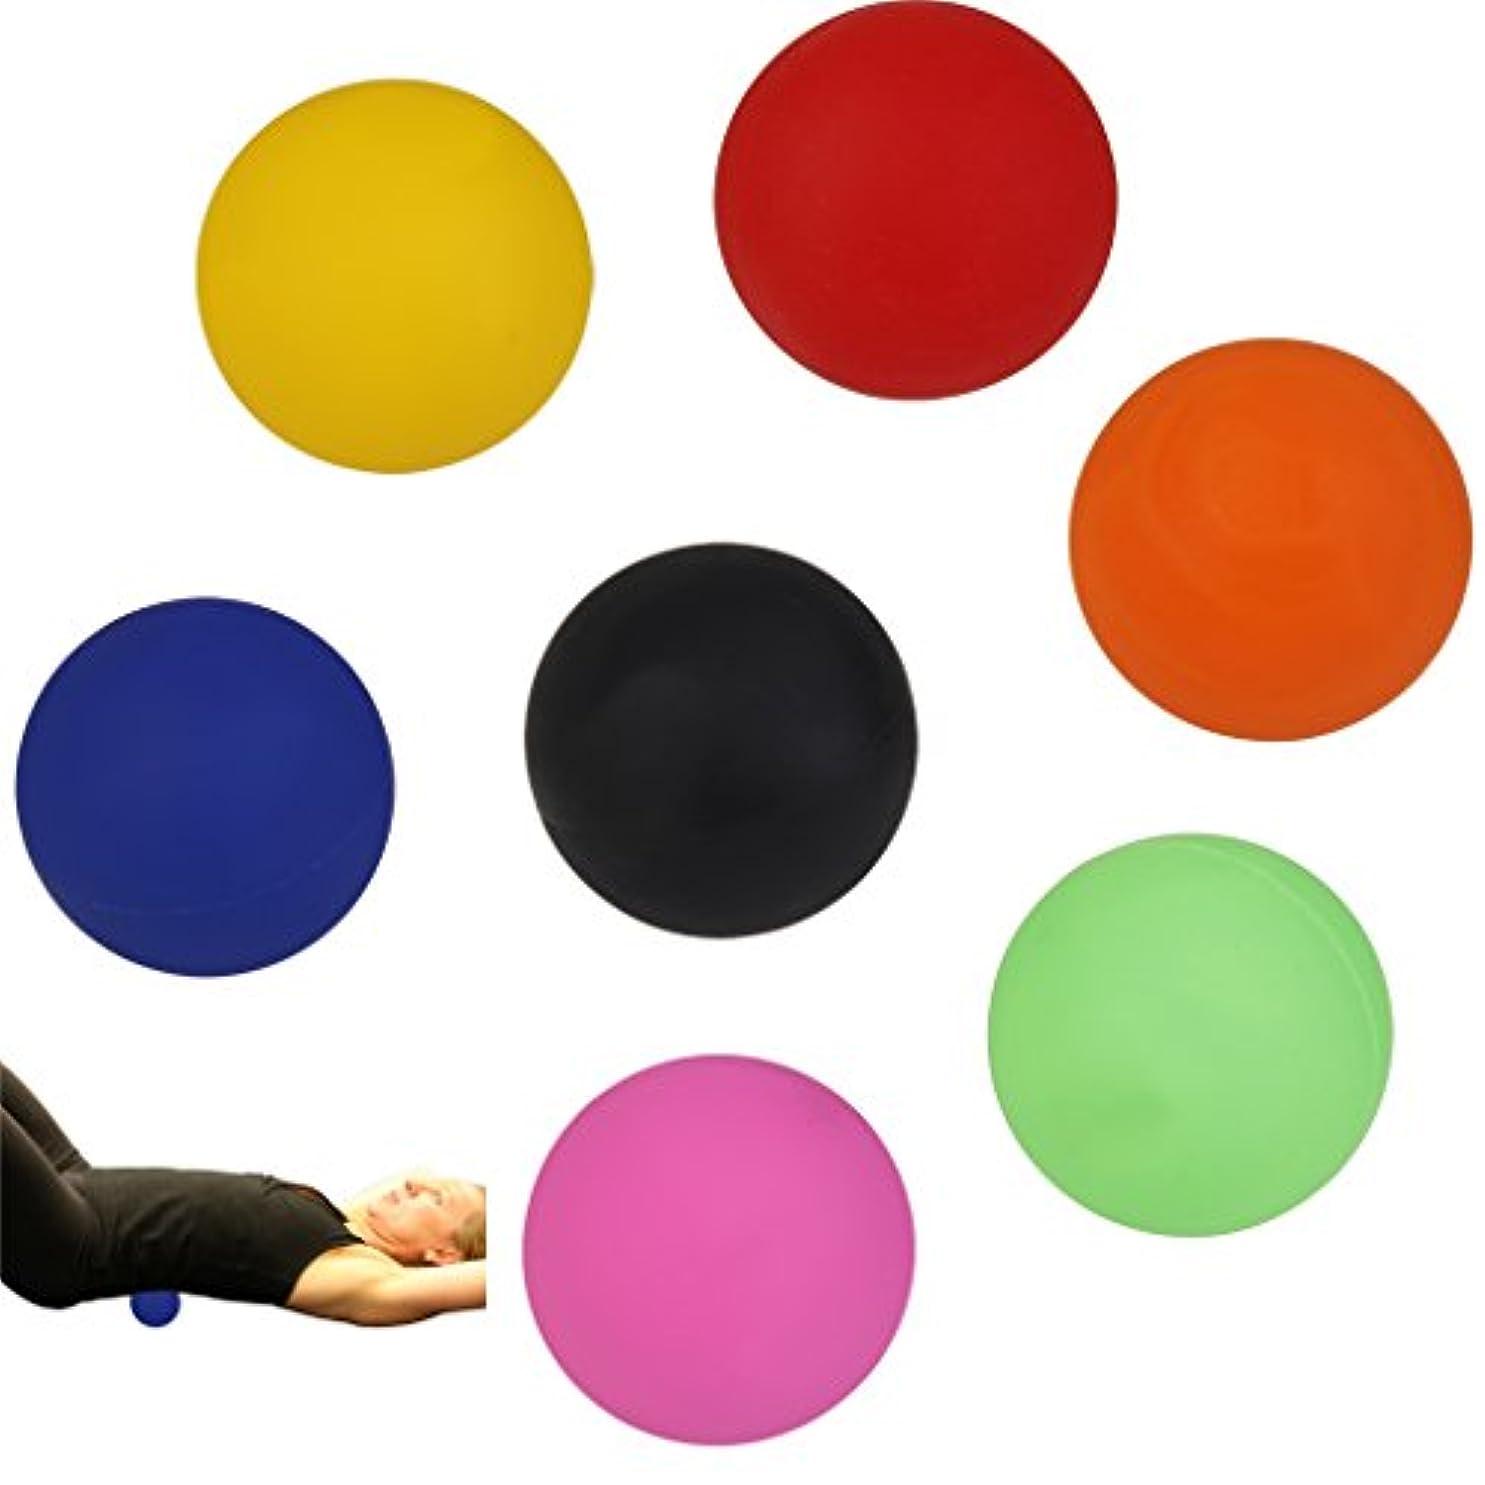 イブニング雄弁強化するPerfk 2個 手のひら 足 腕 首 背中 足首 ジム ホーム 運動 マッサージボール ラクロスマッサージボール 黒色